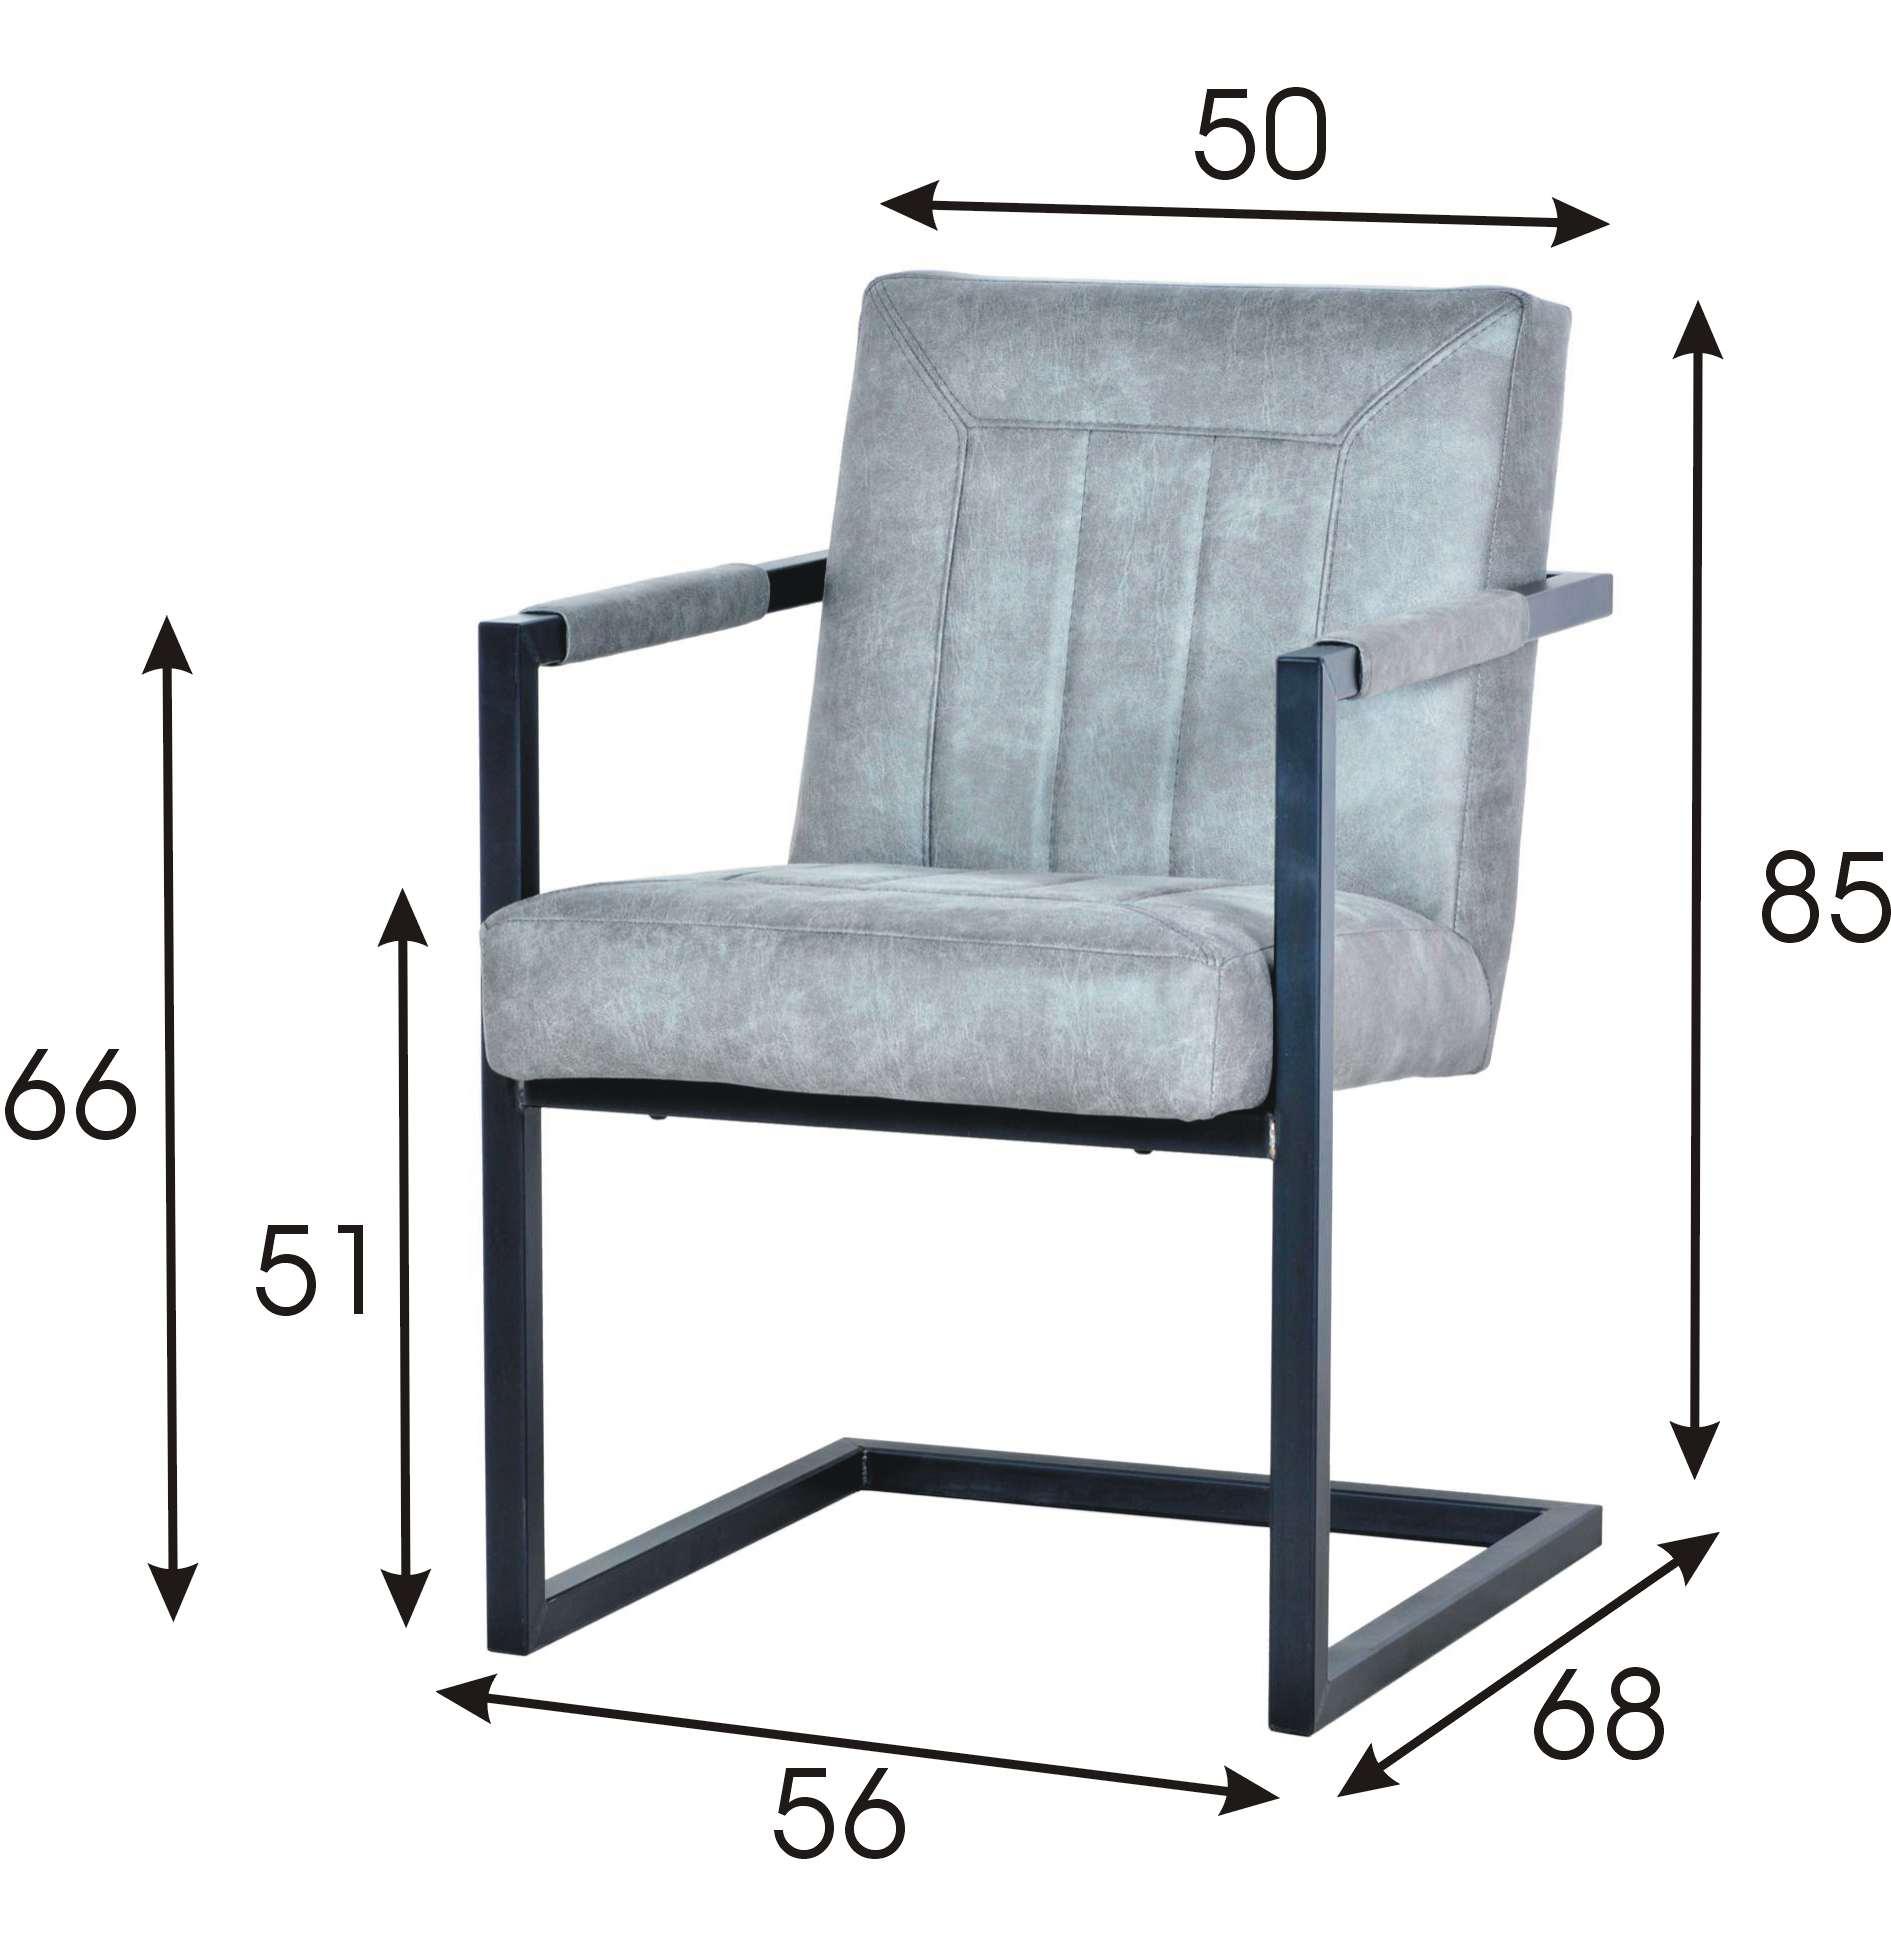 Cadira Arm szycie C Wymiary